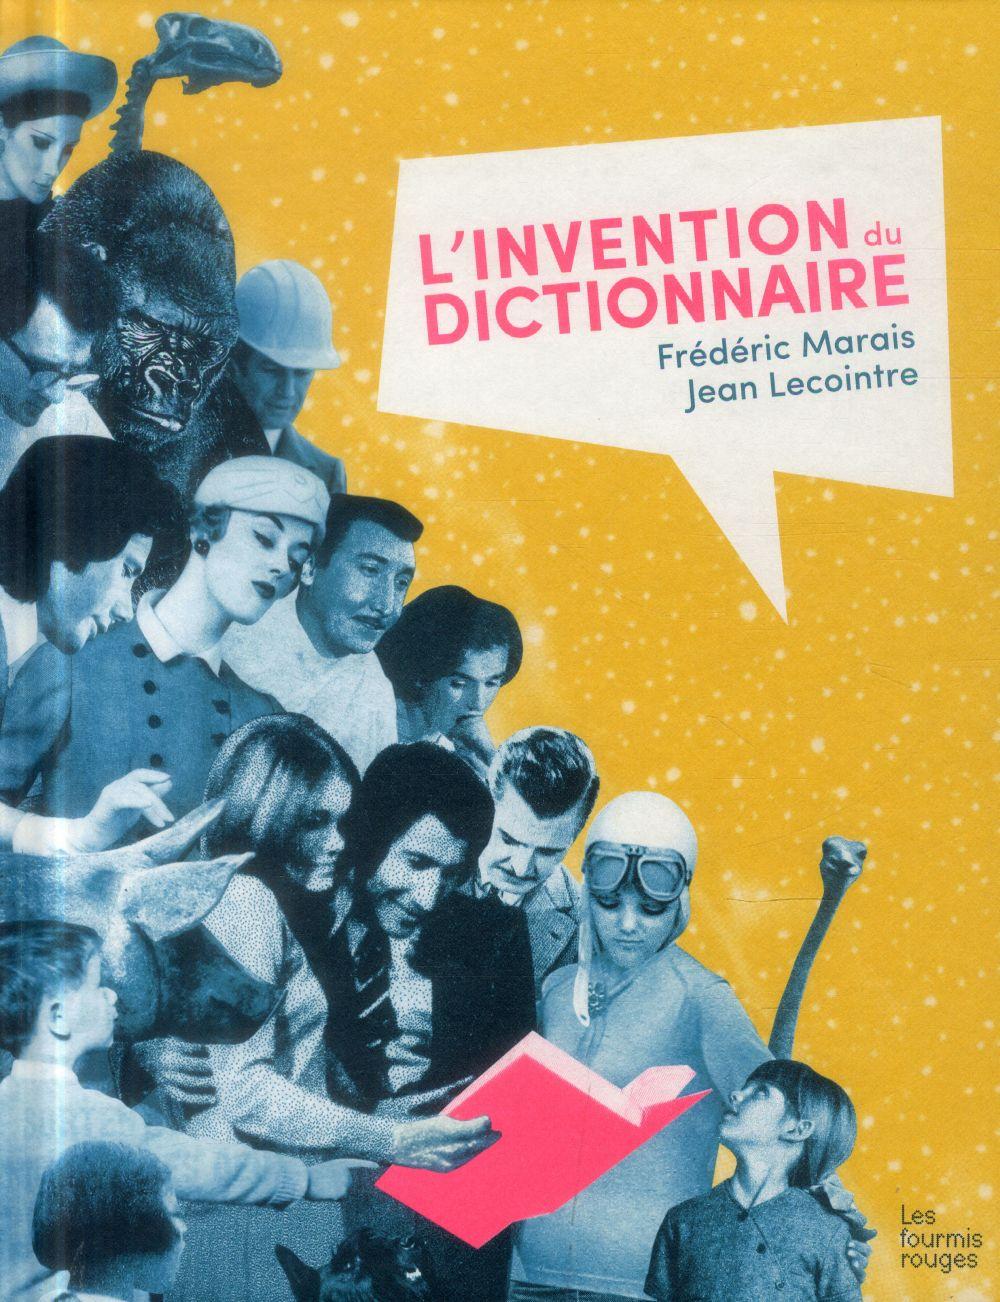 INVENTION DU DICTIONNAIRE (L')